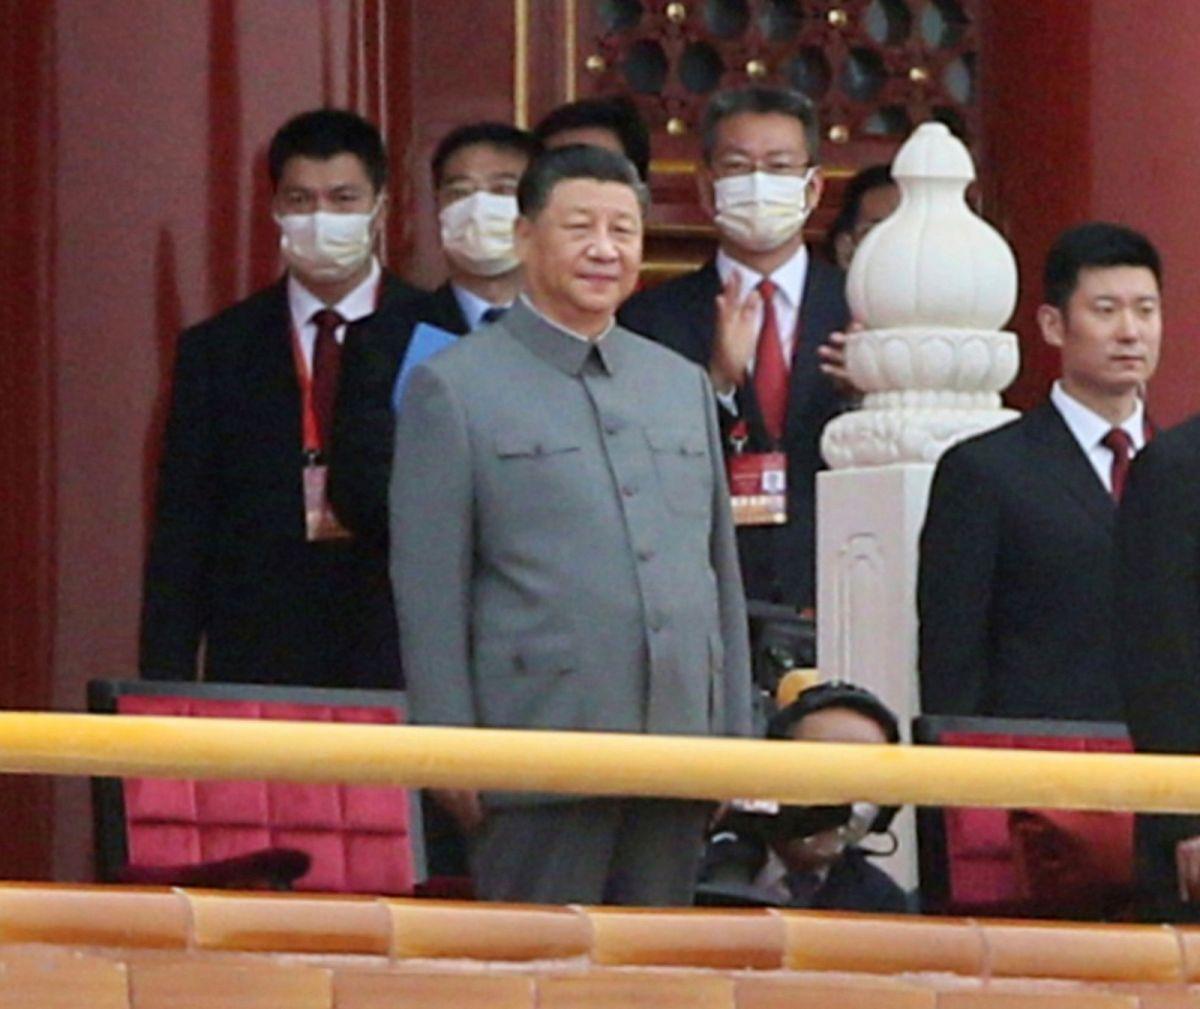 ▲北京當局宣布9日上午將在北京舉行紀念「辛亥革命110周年」大會,中共總書記習近平將發表講話。資料照。(圖/美聯社/達志影像)